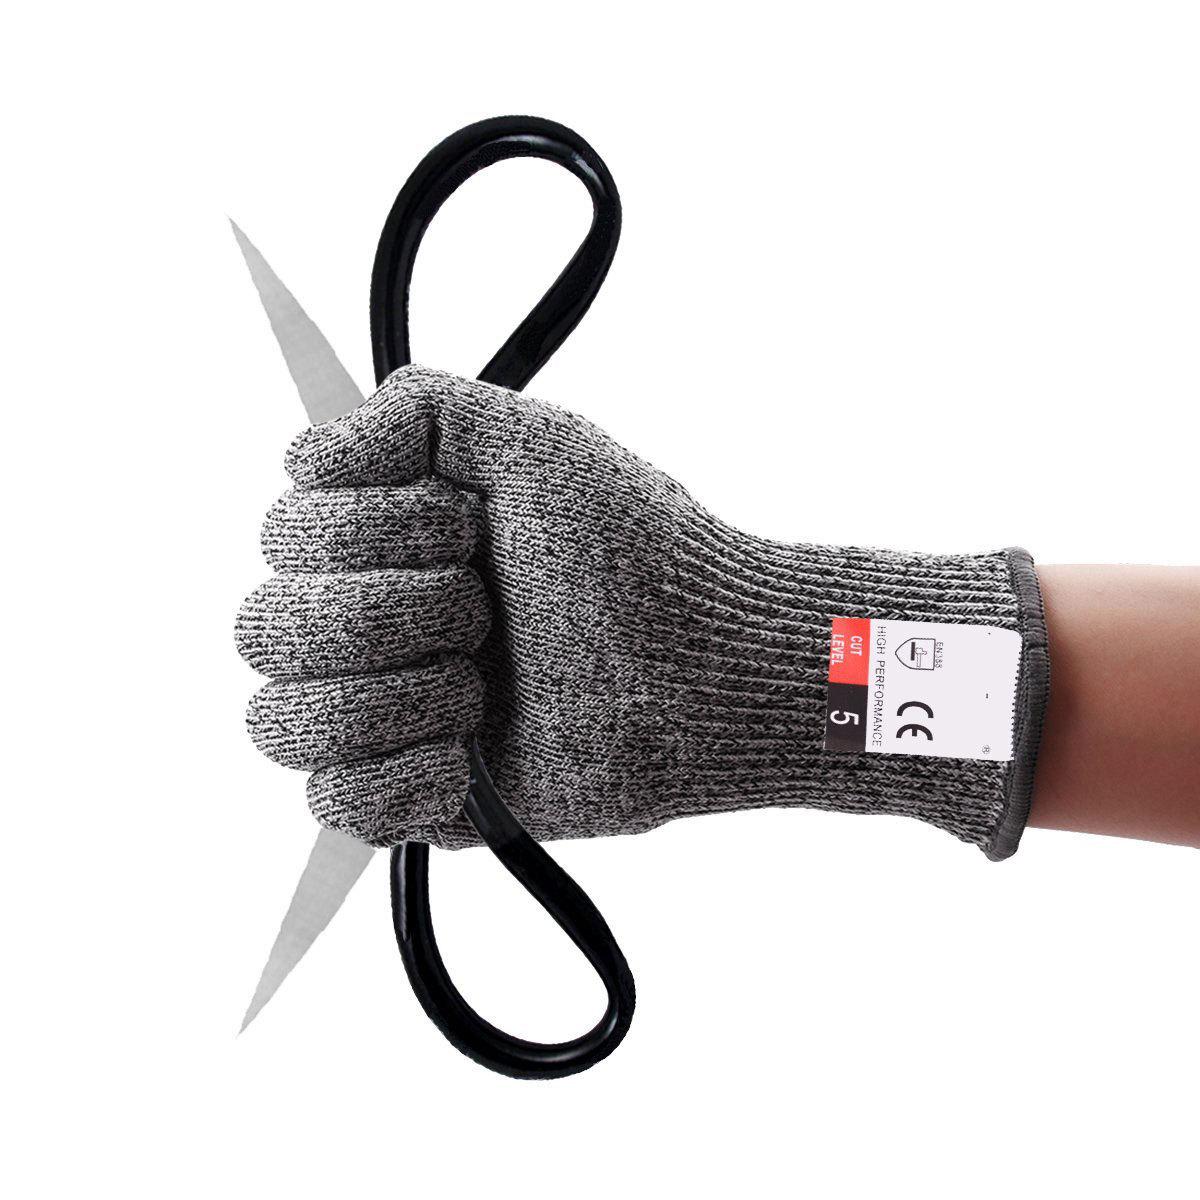 LLS Găng tay chống cắt Găng tay câu cá diều tại chỗ Găng tay chống đâm 5 cấp độ cắt HPPE Găng tay bả